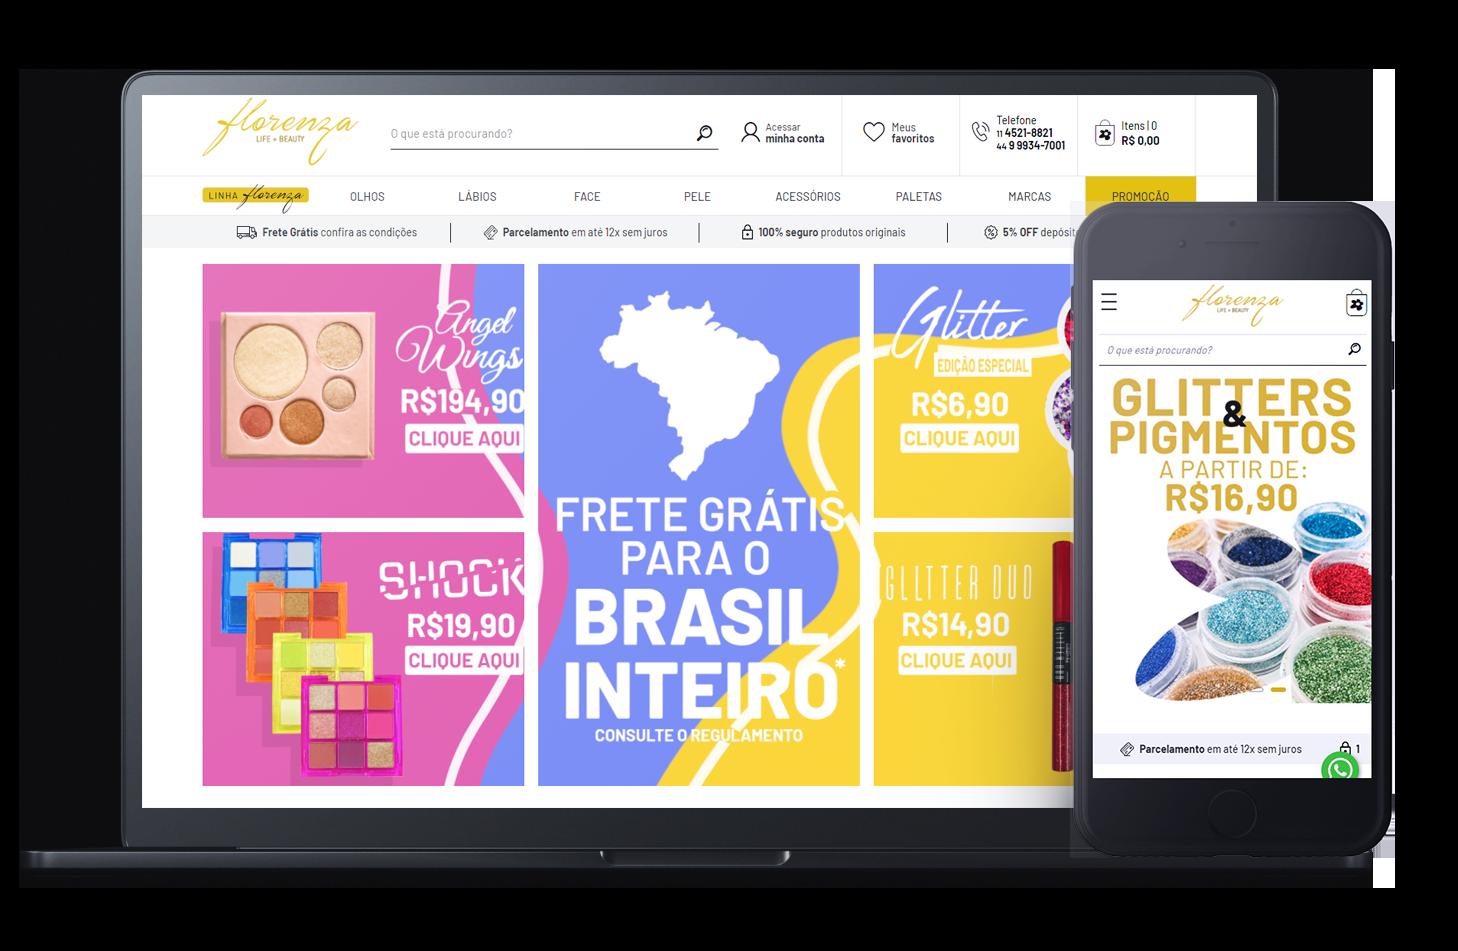 Mockup da loja virtual Florenza, desenvolvida com a Plataforma de E-commerce Magento Bis2Bis